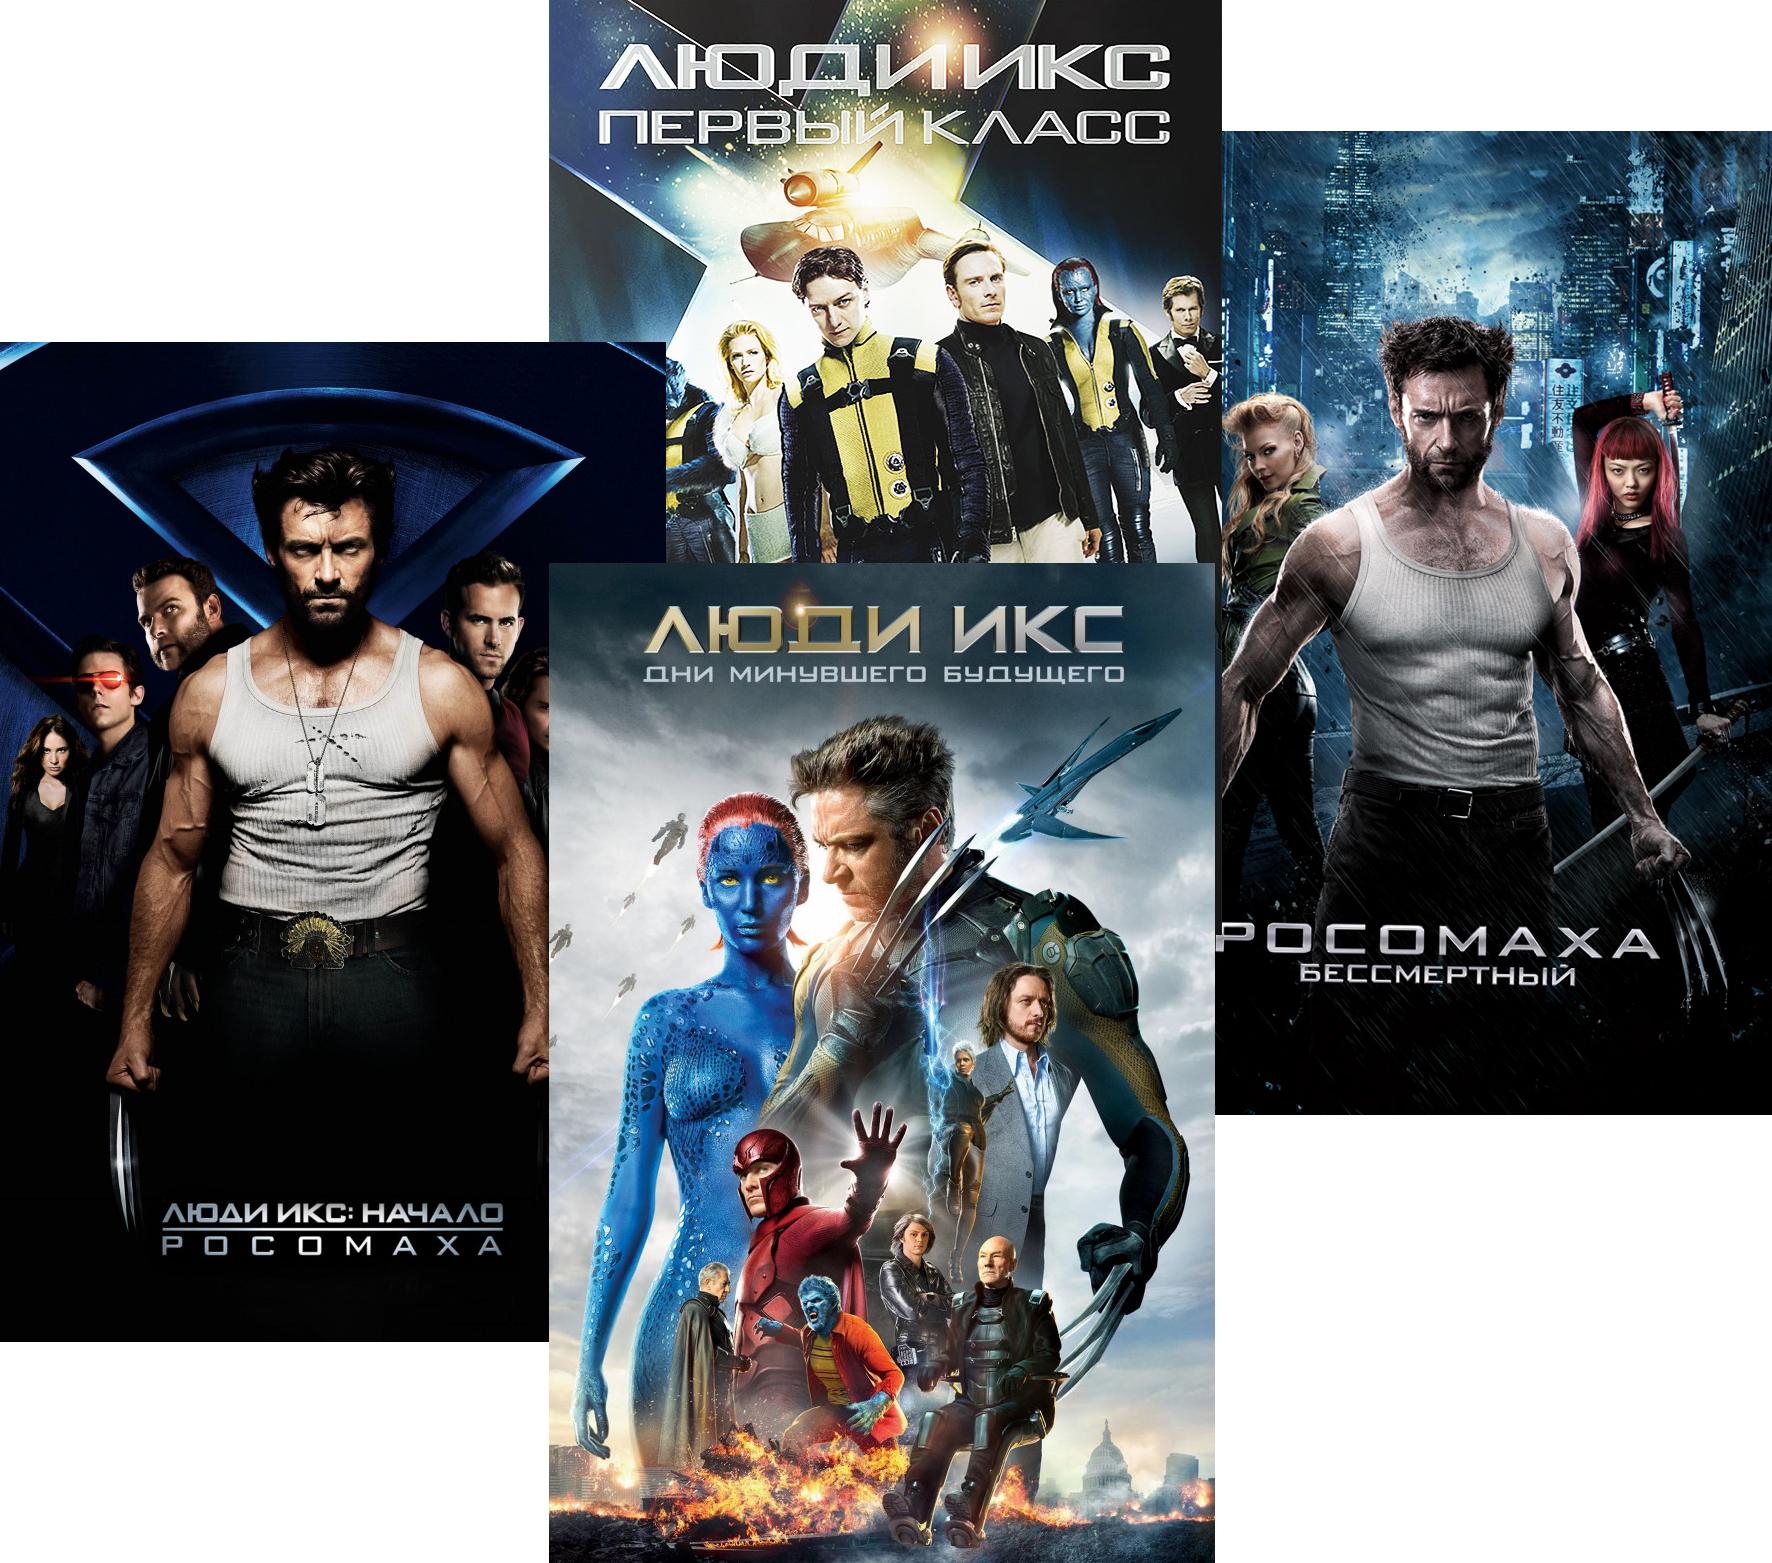 Люди Икс: Начало. Росомаха / Люди Икс: Первый класс / Росомаха: Бессмертный / Люди Икс: Дни минувшего будущего (2 DVD) фото